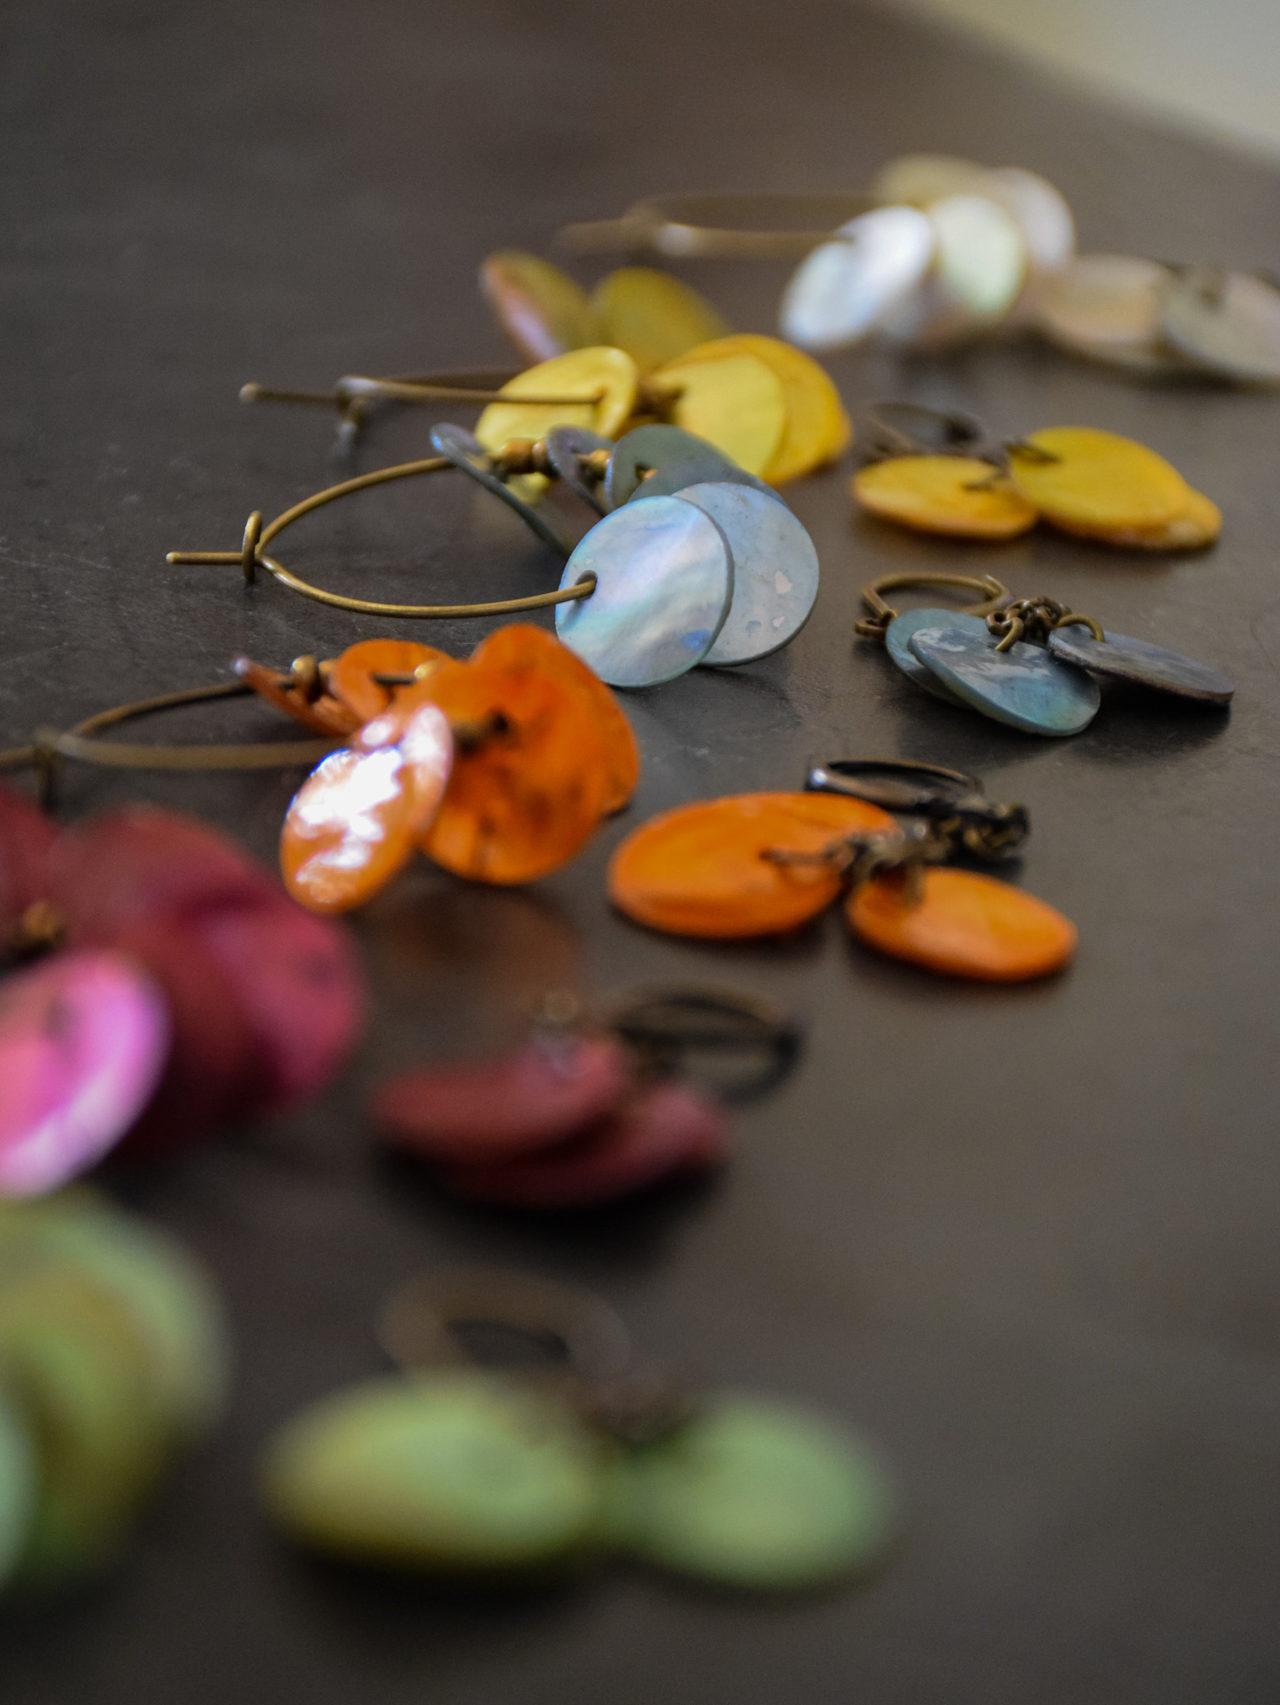 Creoles-sous-le-sable-creation-de-bijoux-par-les-delires-de-lolotte